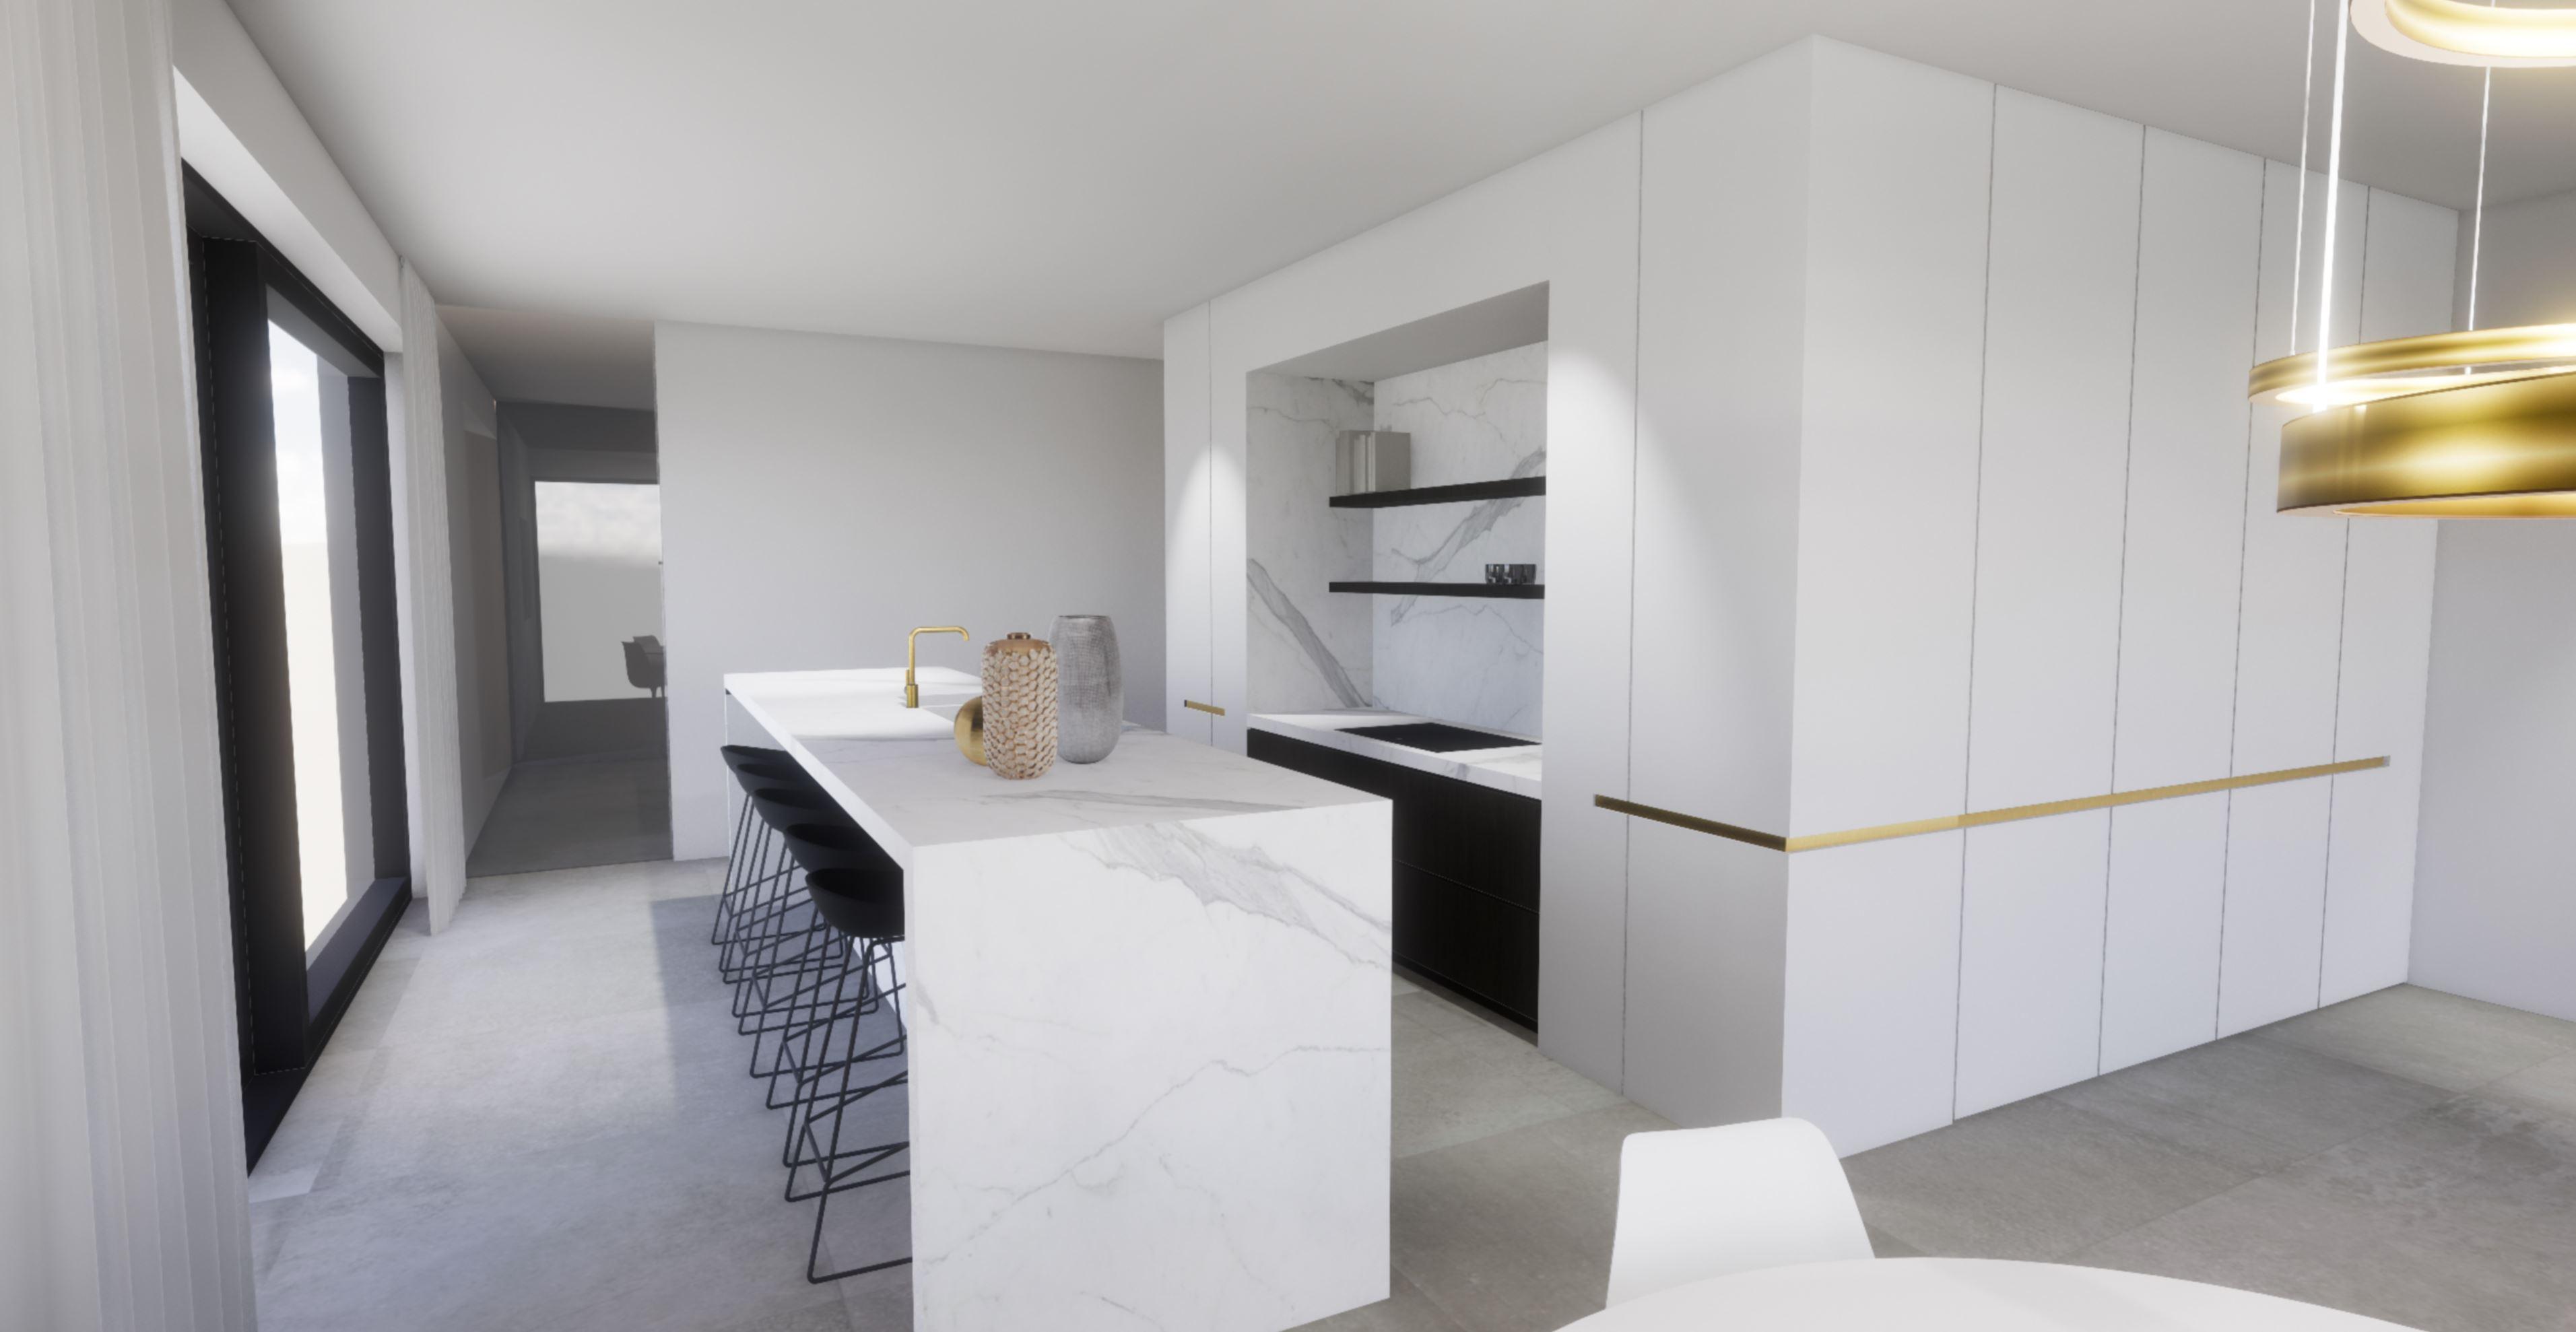 Ontwerp keuken u2013 home18.c